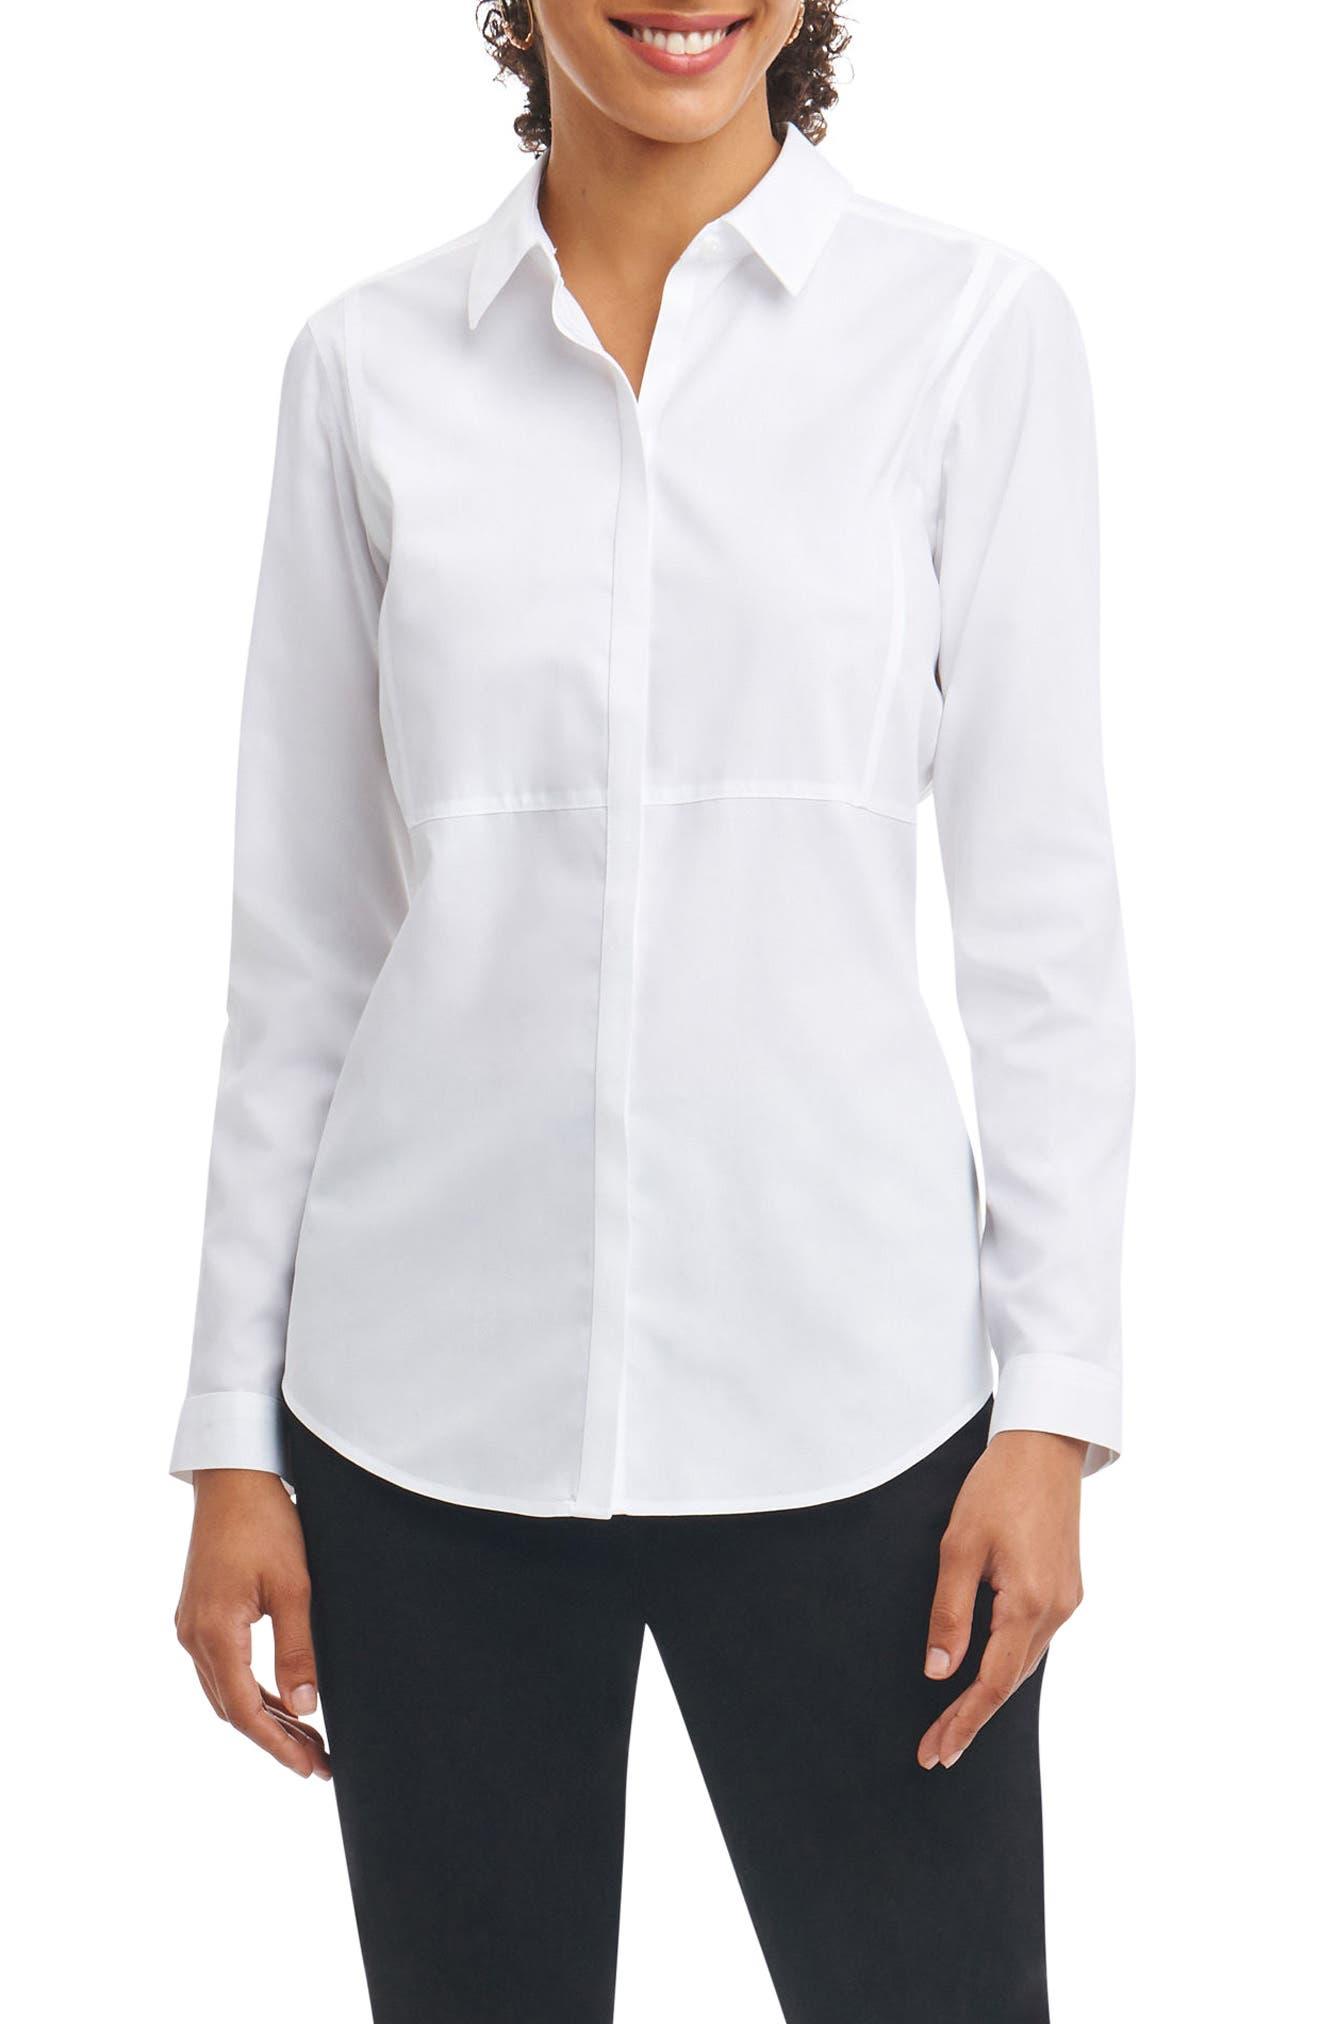 Foxcroft Non-Iron Shirt